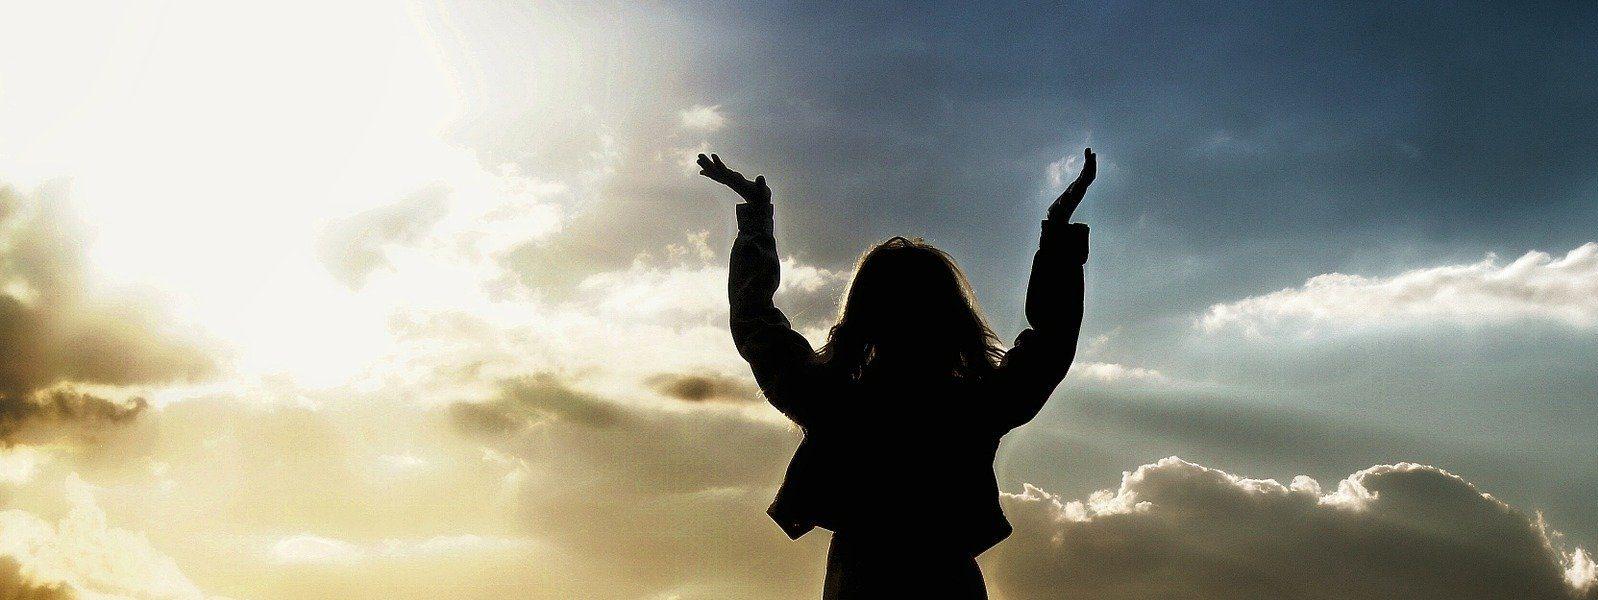 Lasst uns laufen mit Geduld in dem Kampf, der uns bestimmt ist, und aufsehen zu Jesus, dem Anfänger und Vollender unseres Glaubens.